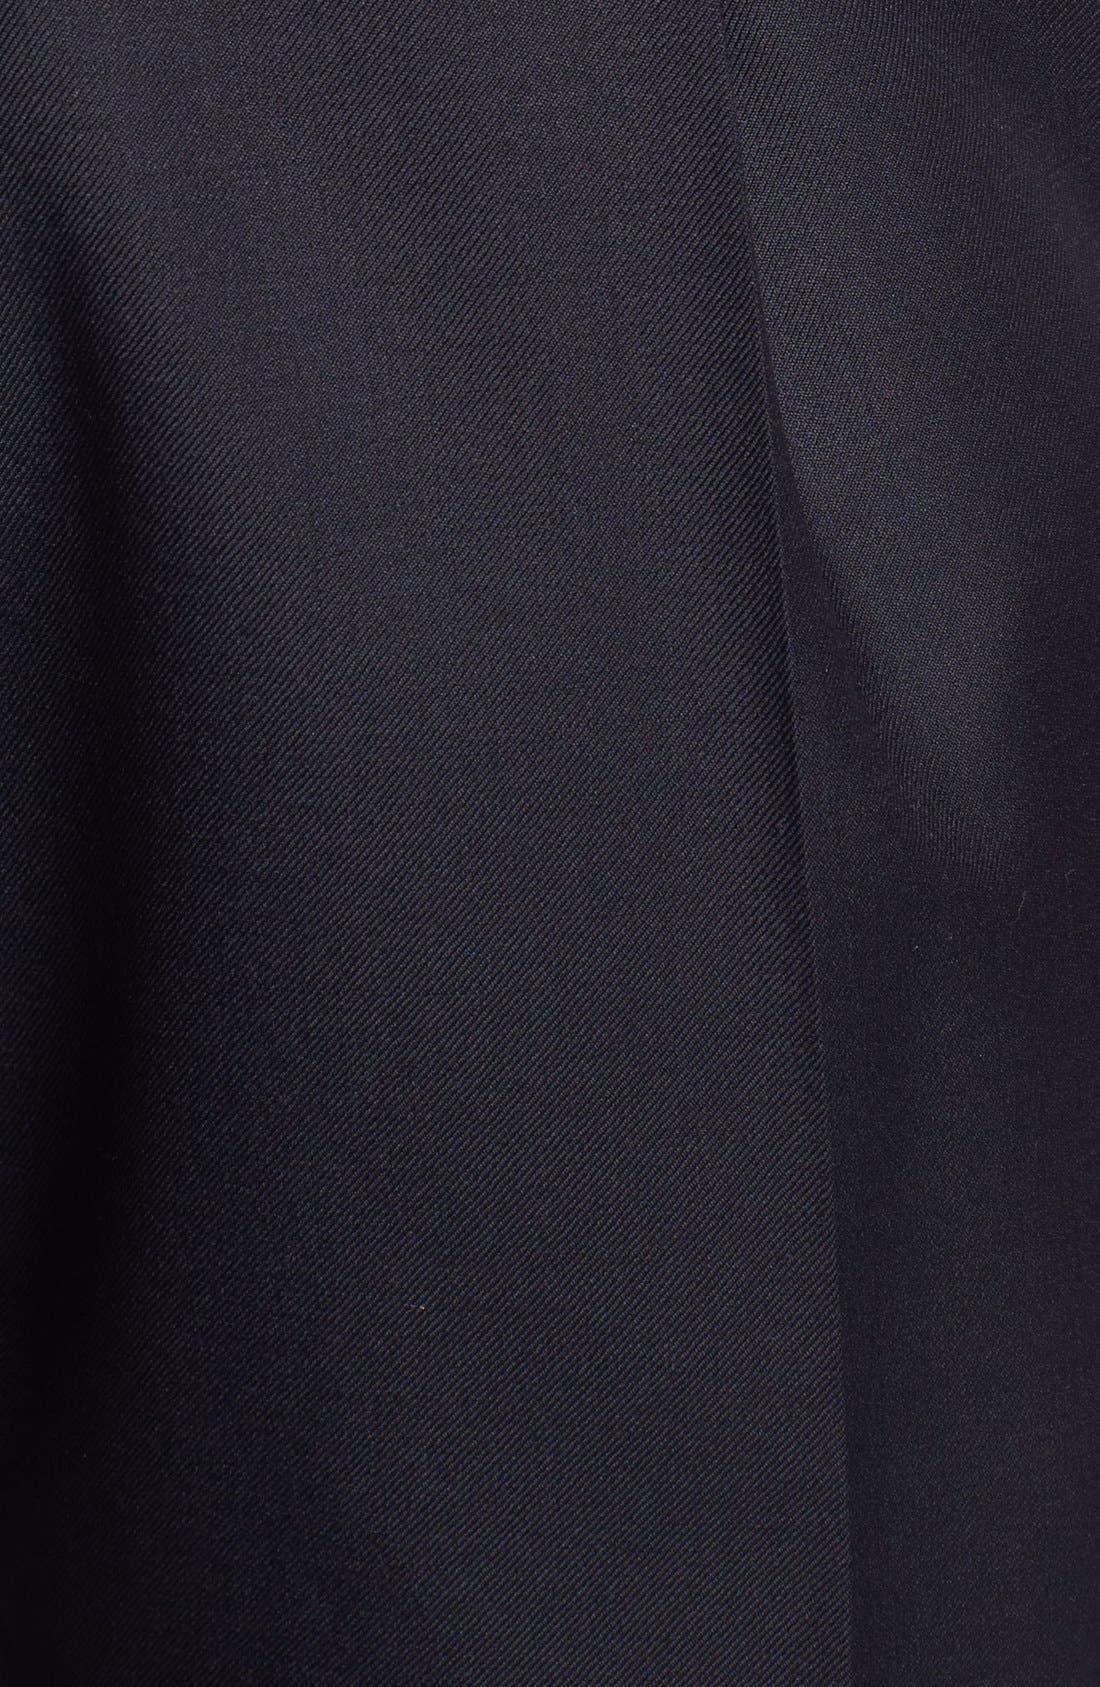 Alternate Image 3  - Santorelli 'Luxury Serge' Double Pleated Wool Trousers